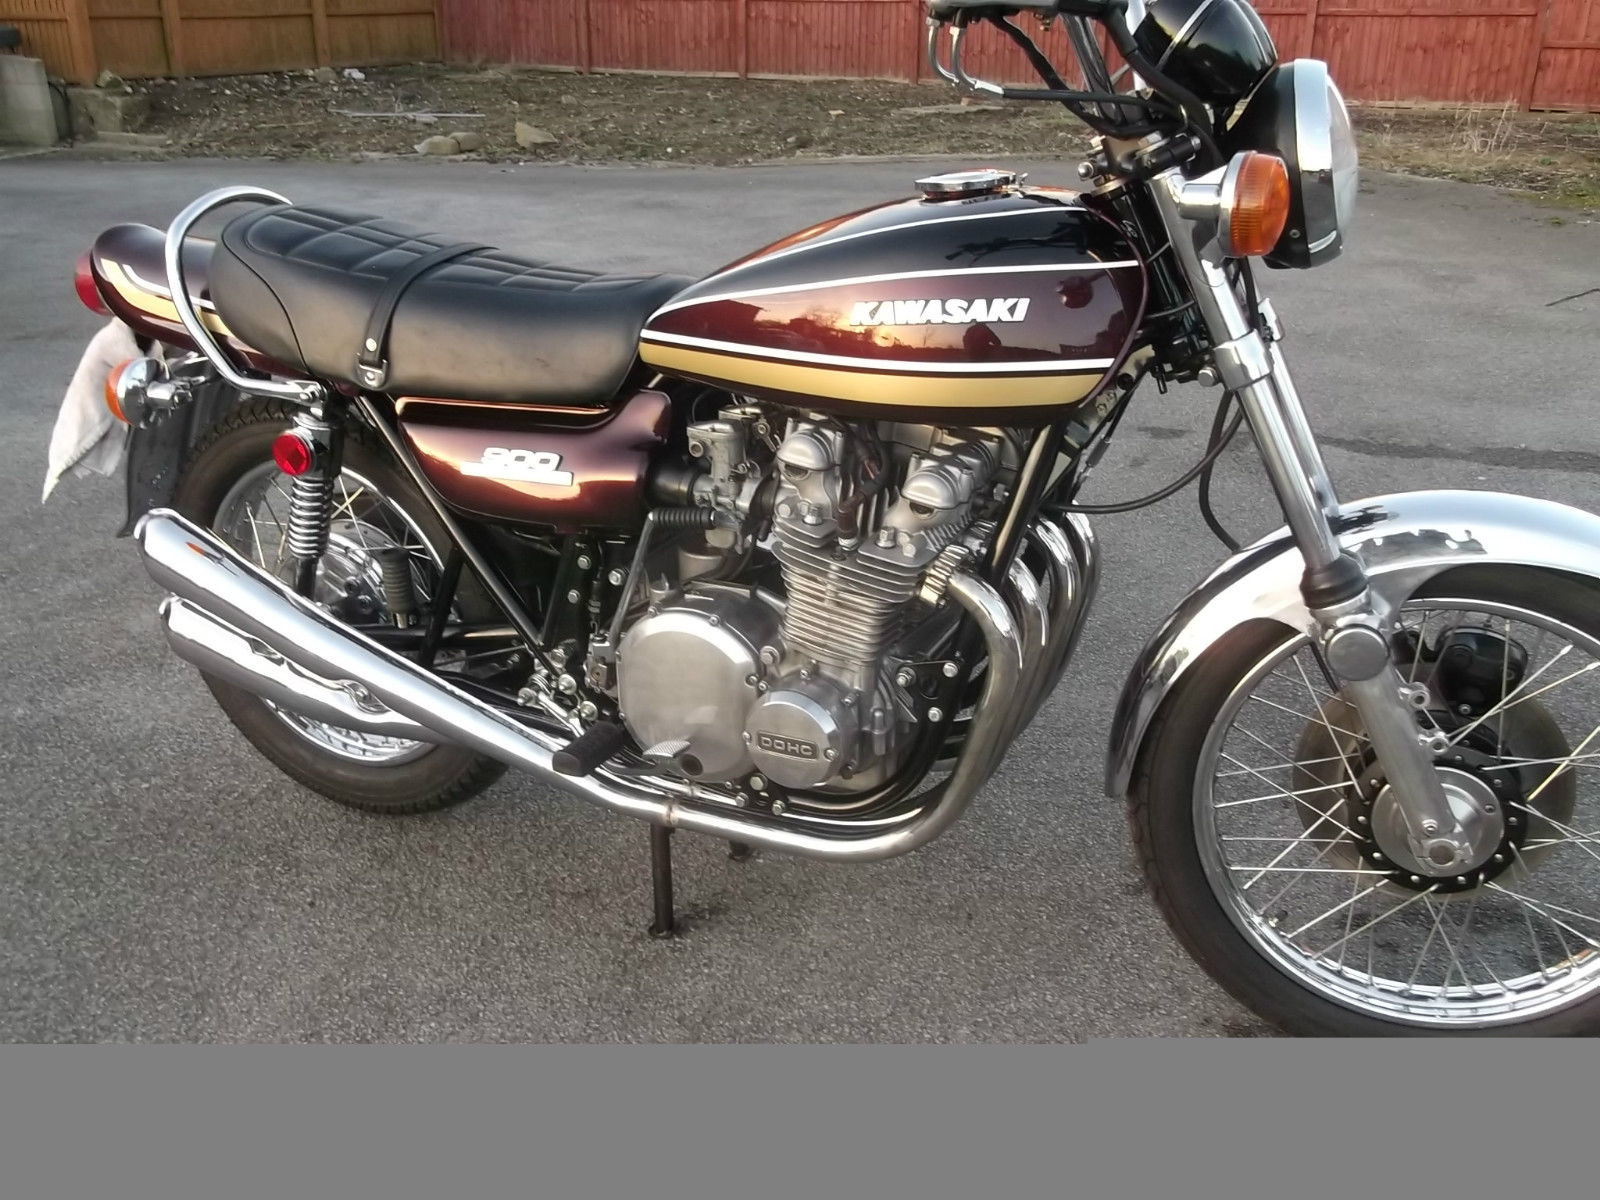 kawasaki 900 z1b 1975 - Google Search   1975 Kawasaki Z1b